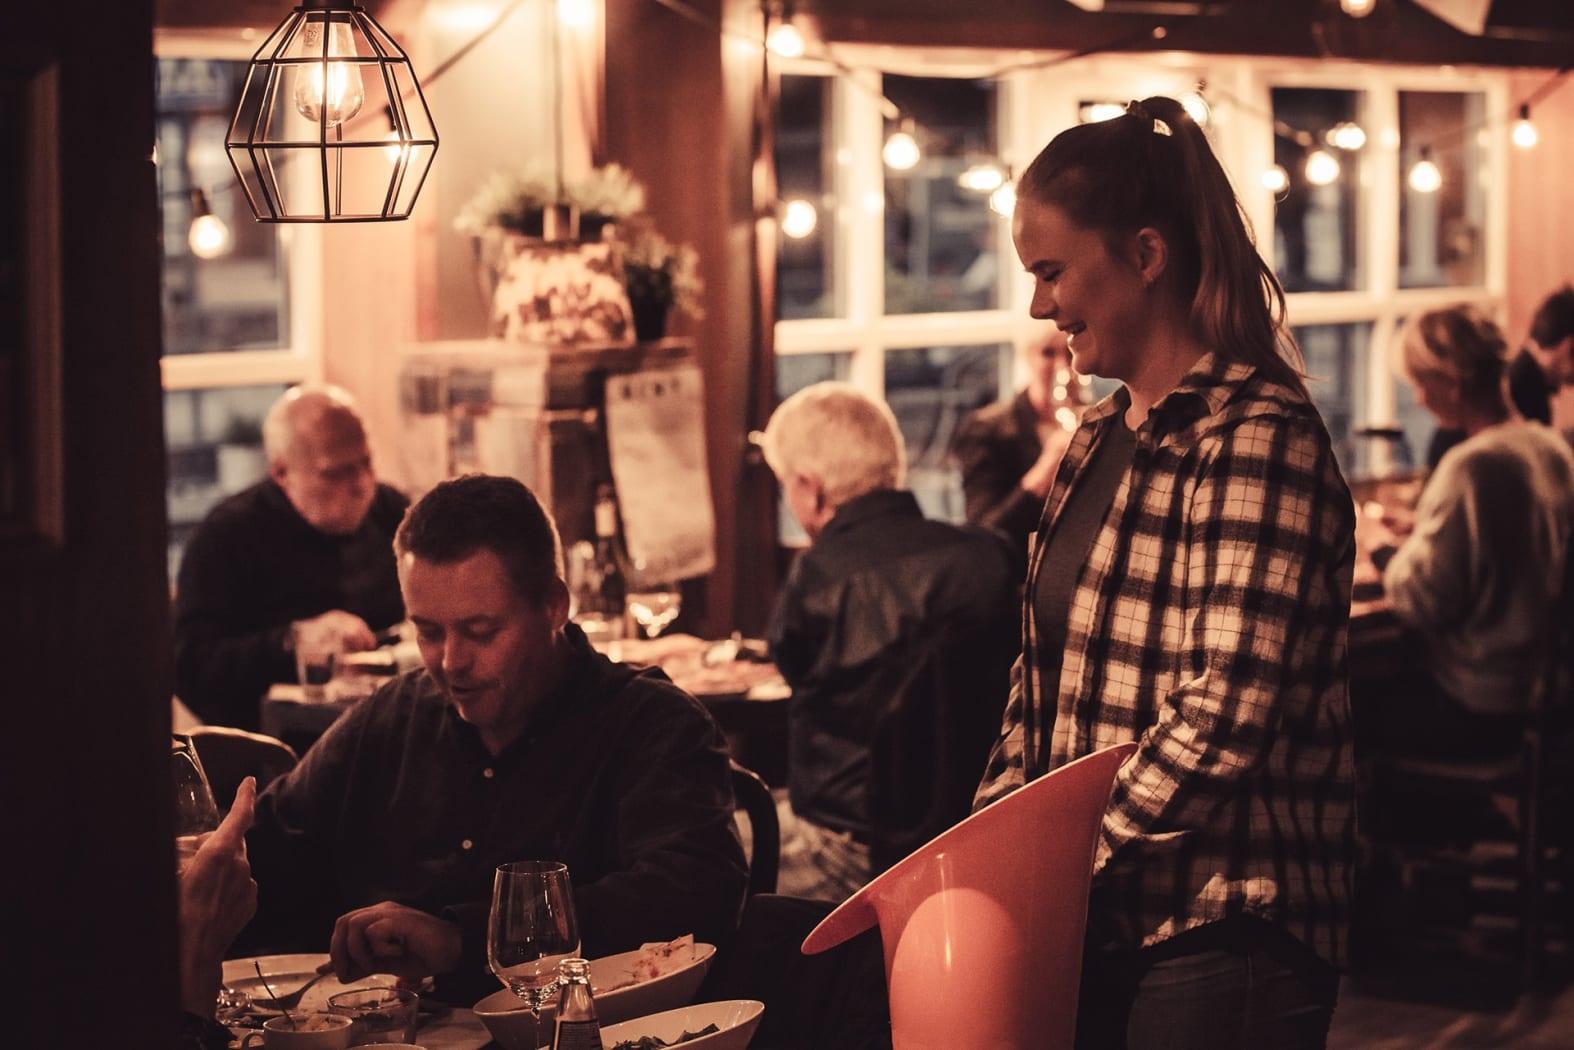 Hemsedal Café er nærmest som en institusjon å regne. Foto Žygimantas Panda Vaičaitis/Hemsedal Cafe.